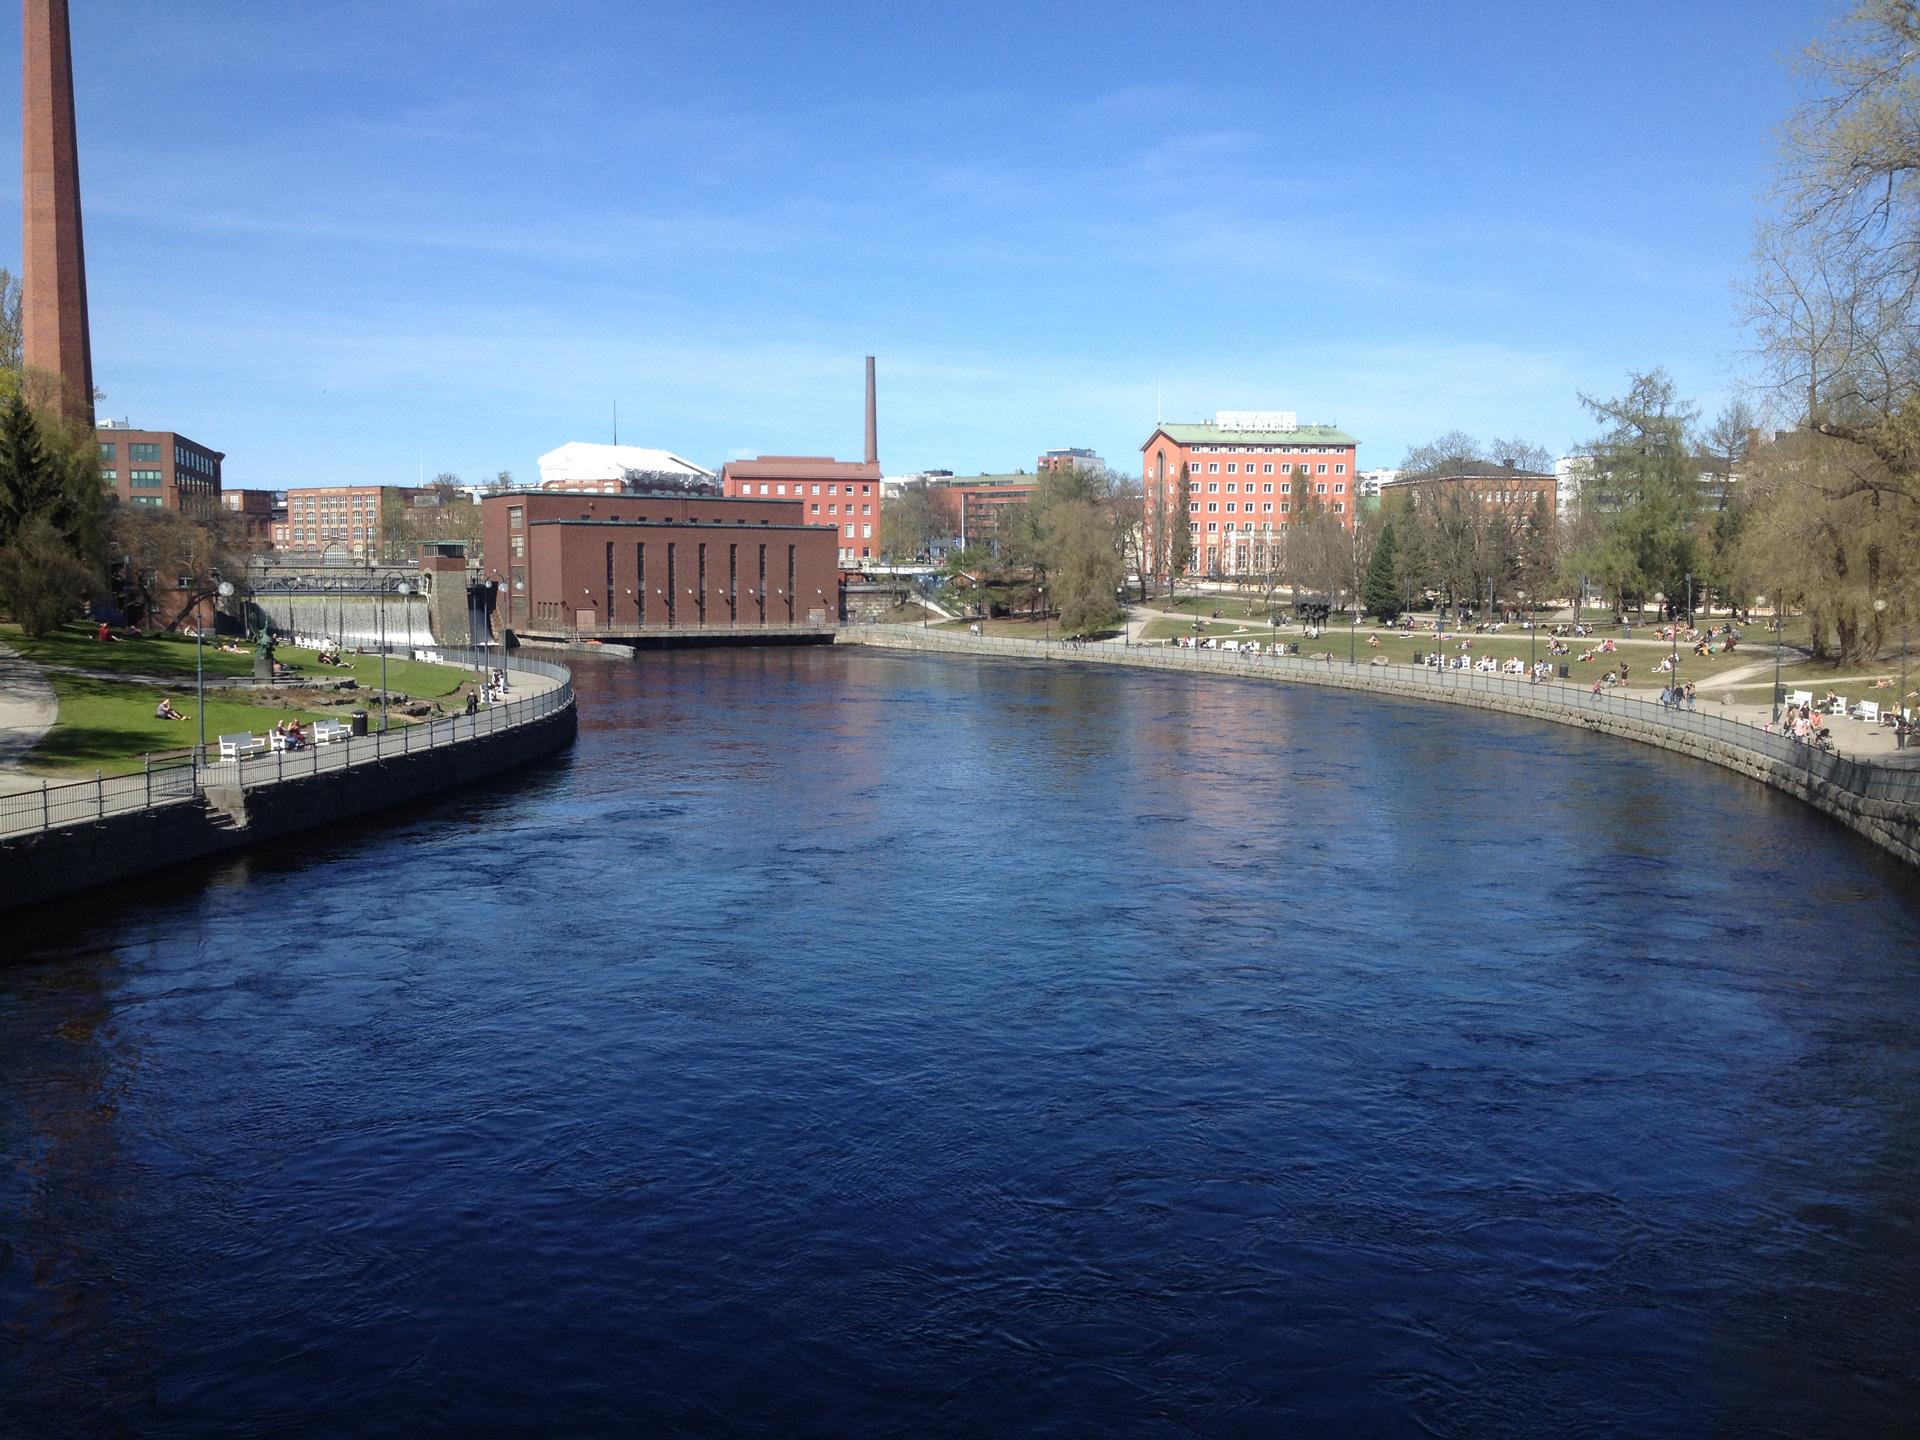 Tampereella Tammerkosken rannoilla on kävelyreittejä, puistoja, ravintoloita, hotelleja, museoita, toimistoja sekä asuntoja. Tampereella kahden kilometrin pituisen Tammerkosken yli kulkee kymmenen siltaa ja uusia suunnitellaan. Kuva: Sami Karjalainen